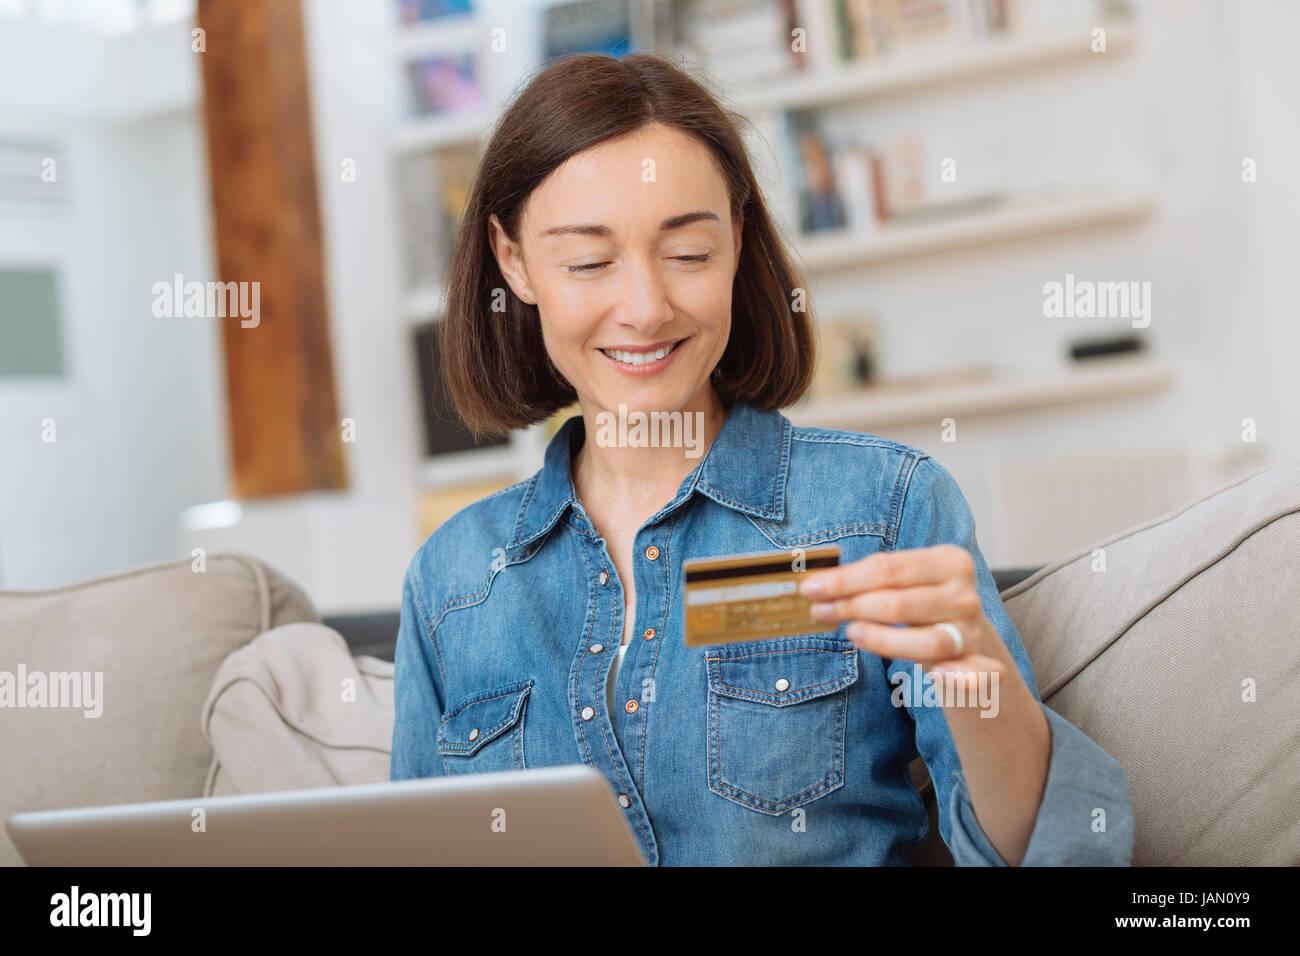 Femme avec un ordinateur portable connecté et le magasinage en ligne Photo Stock